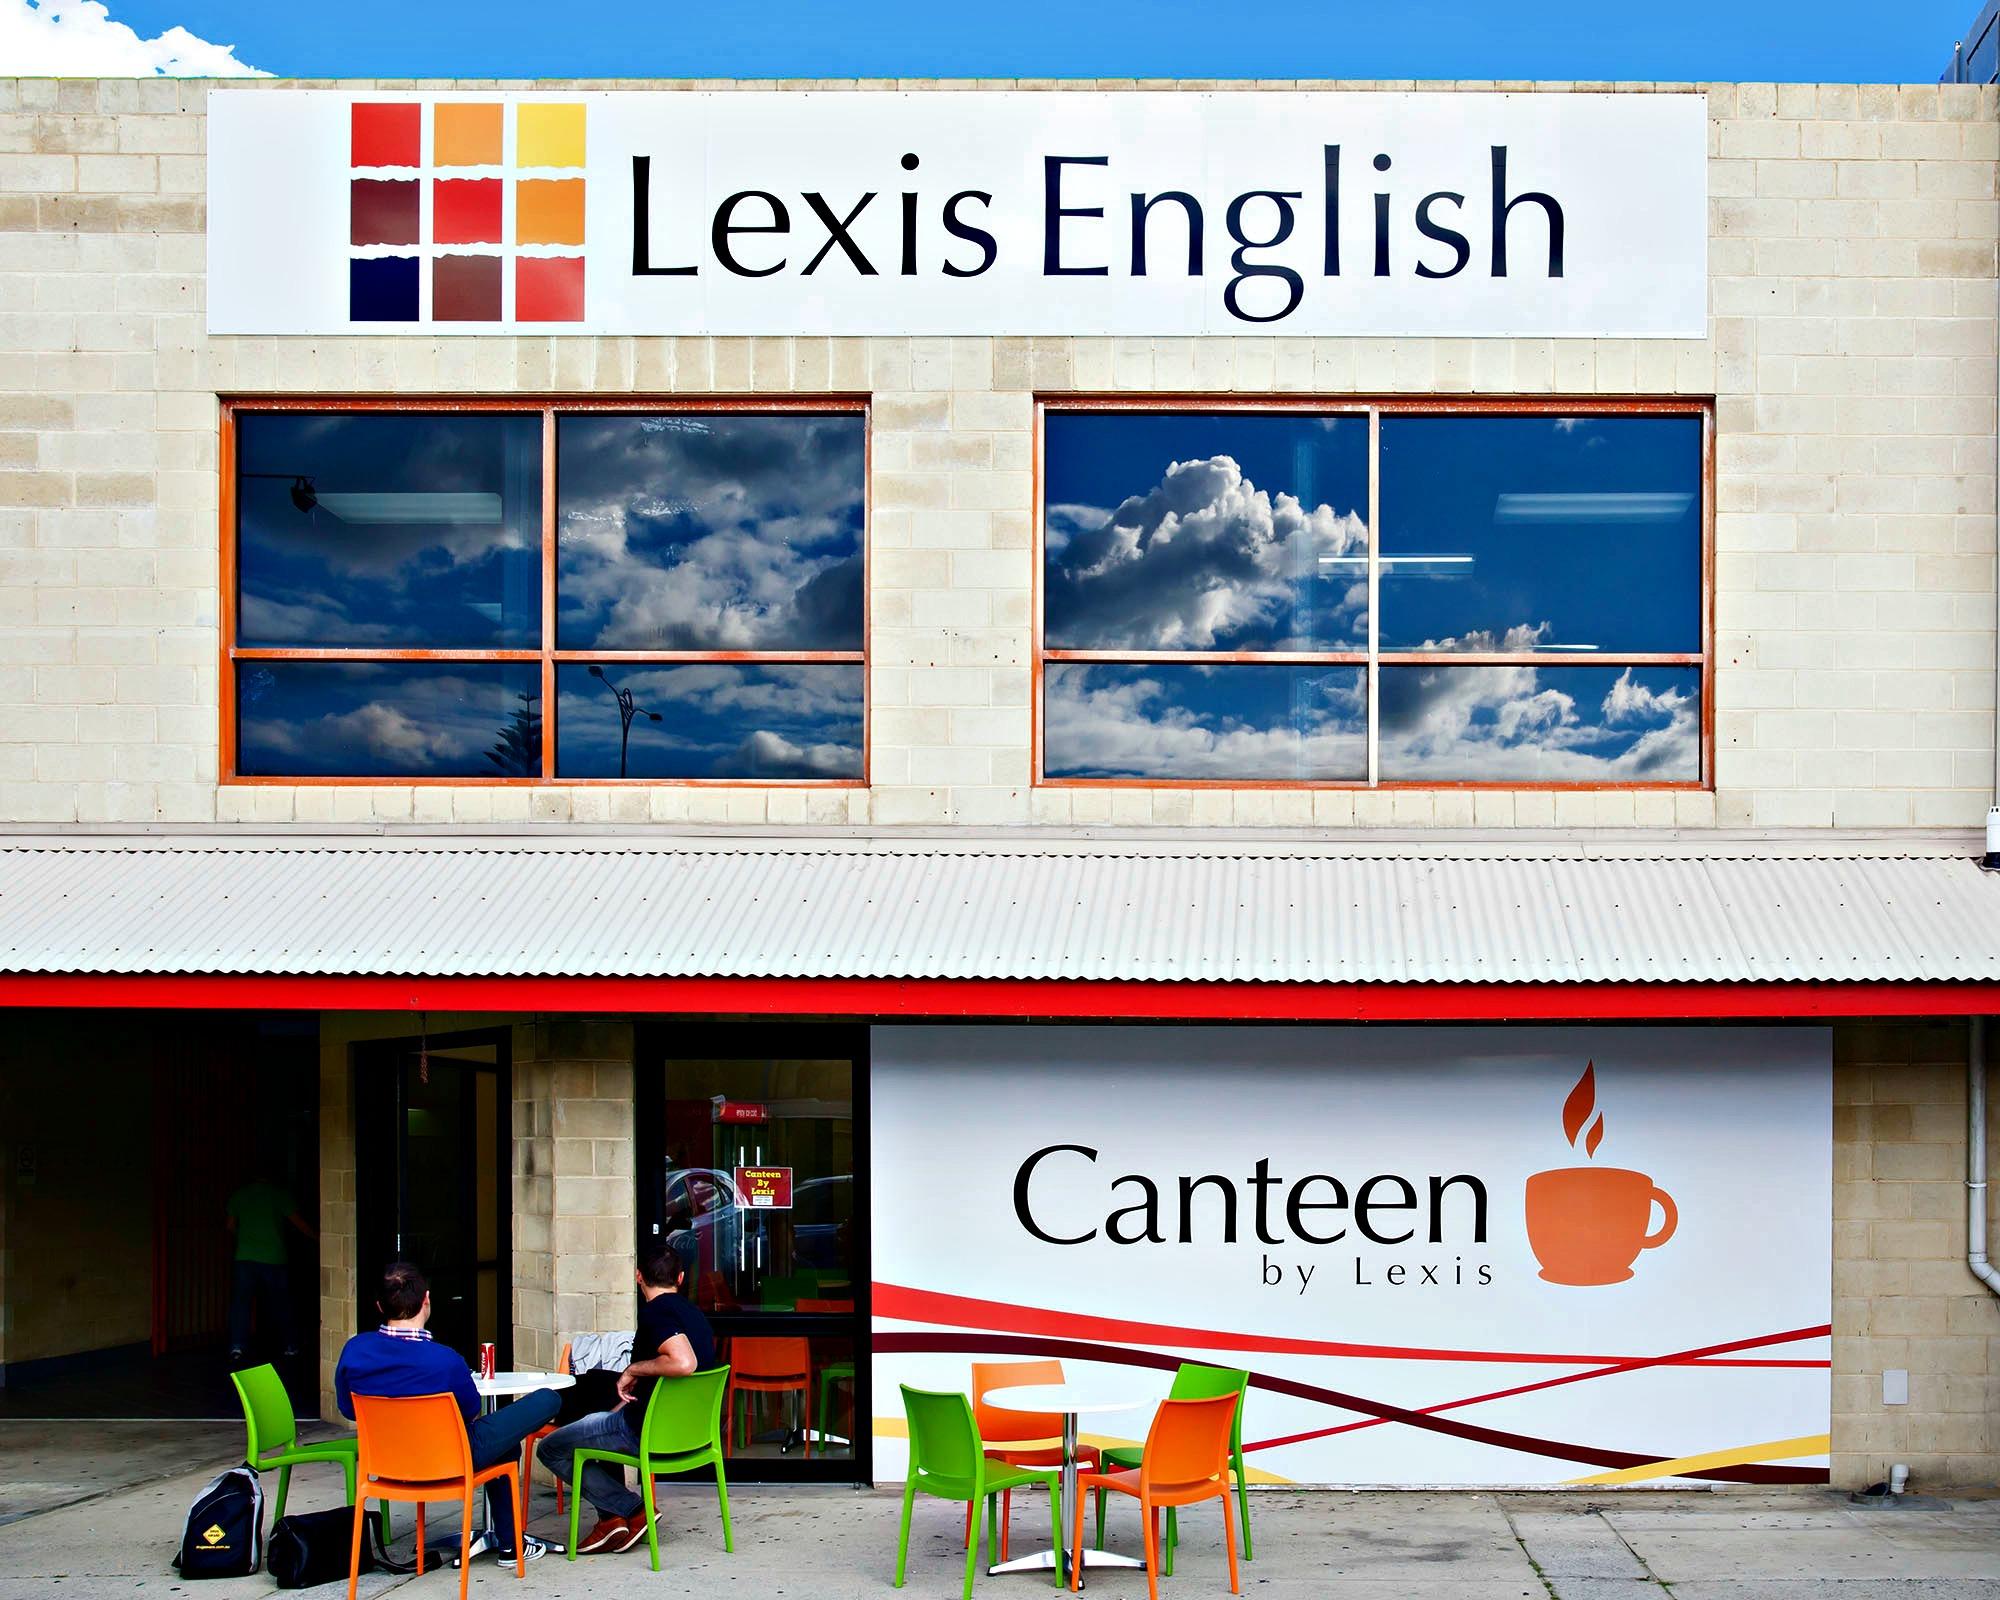 Lexis English Perth campus